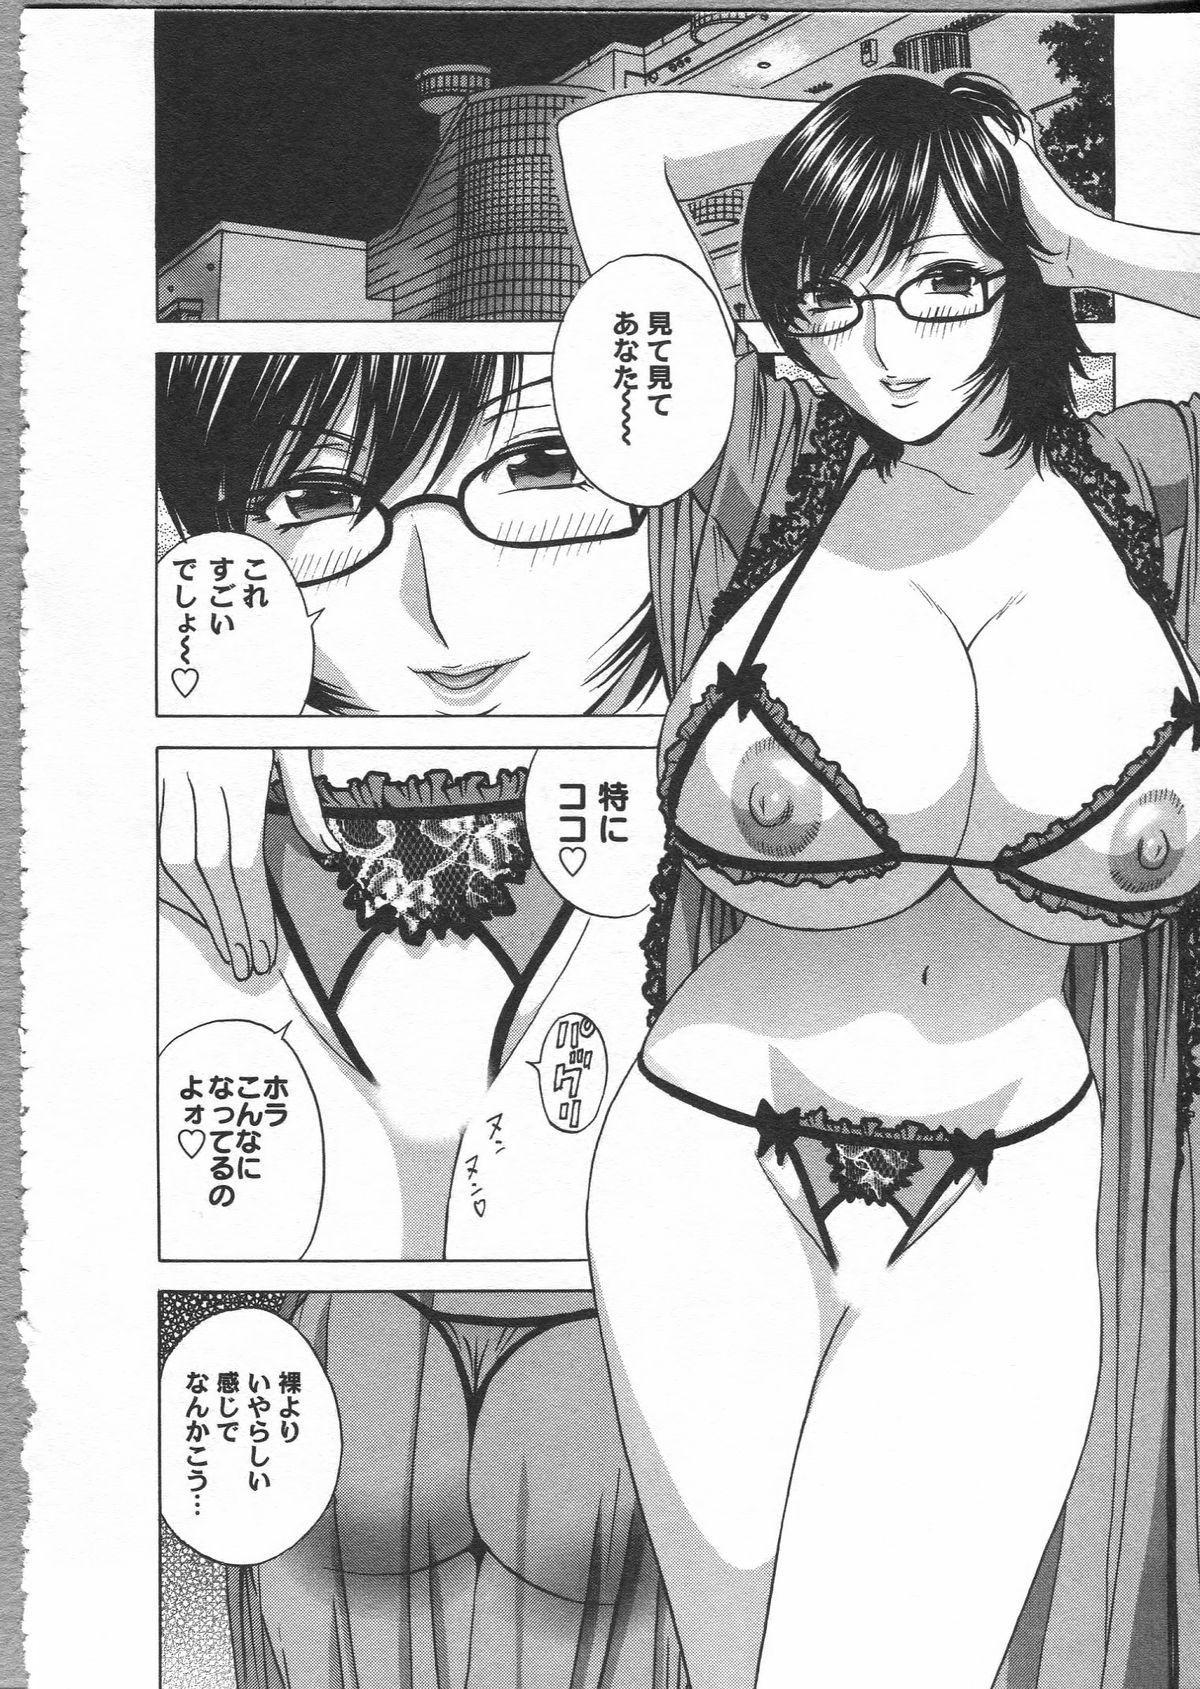 Manga no youna Hitozuma to no Hibi - Days with Married Women such as Comics. 153